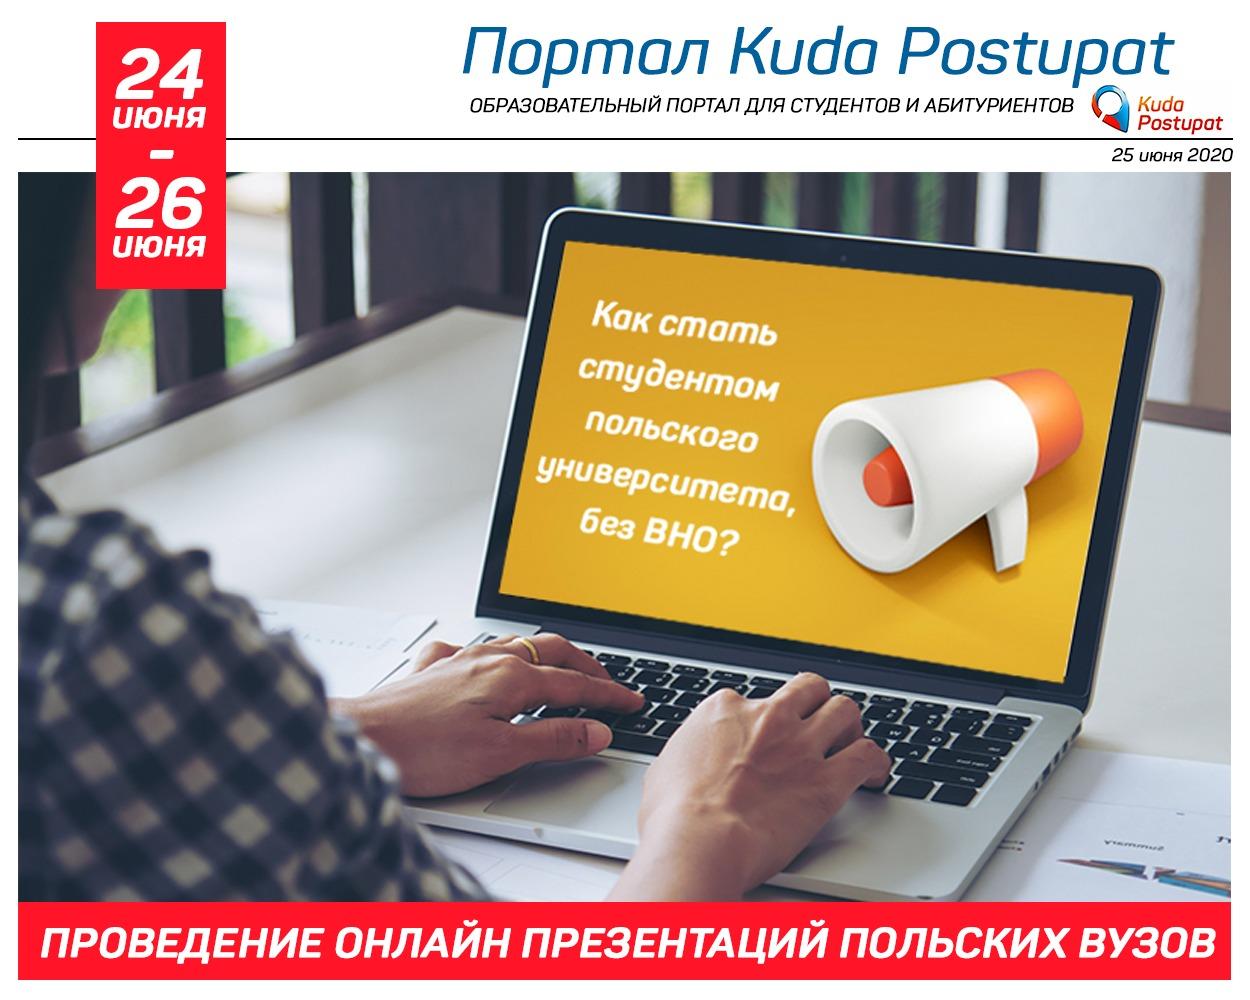 Проведение онлайн презентаций польских вузов